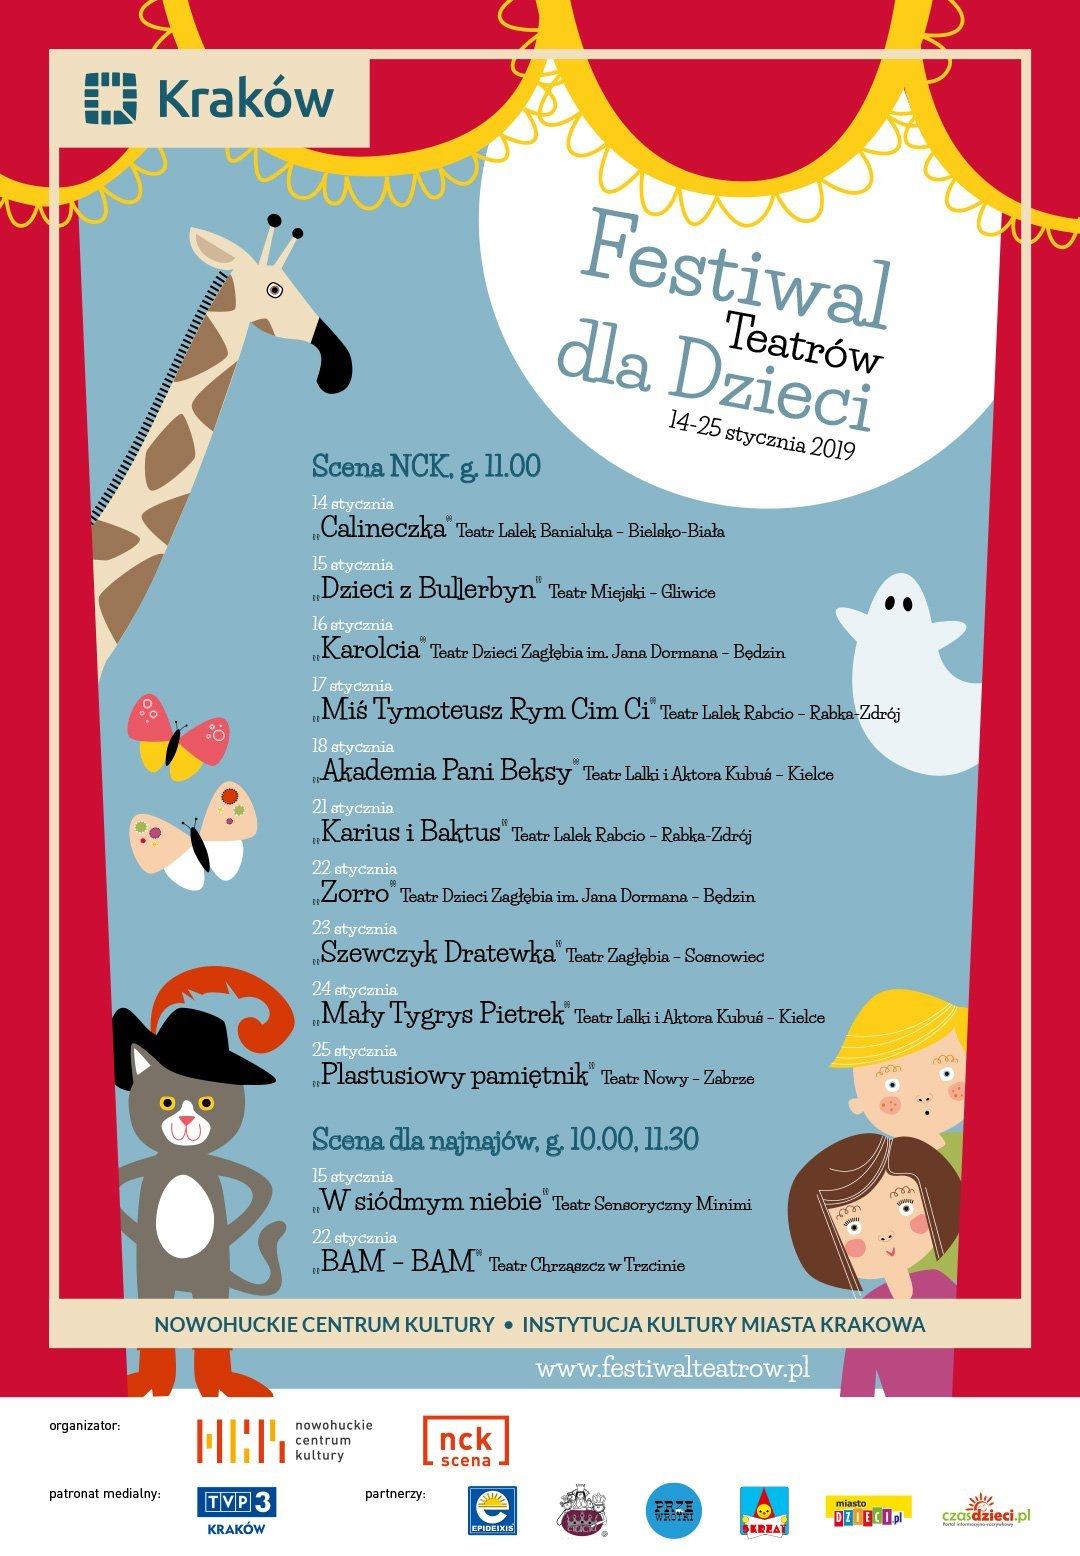 Nawigacja wiadomościWiadomość 1 z 10 Poprzednia Następna change-formatchange-format Temat: Festiwal Teatrów dla Dzieci Kraków 2019